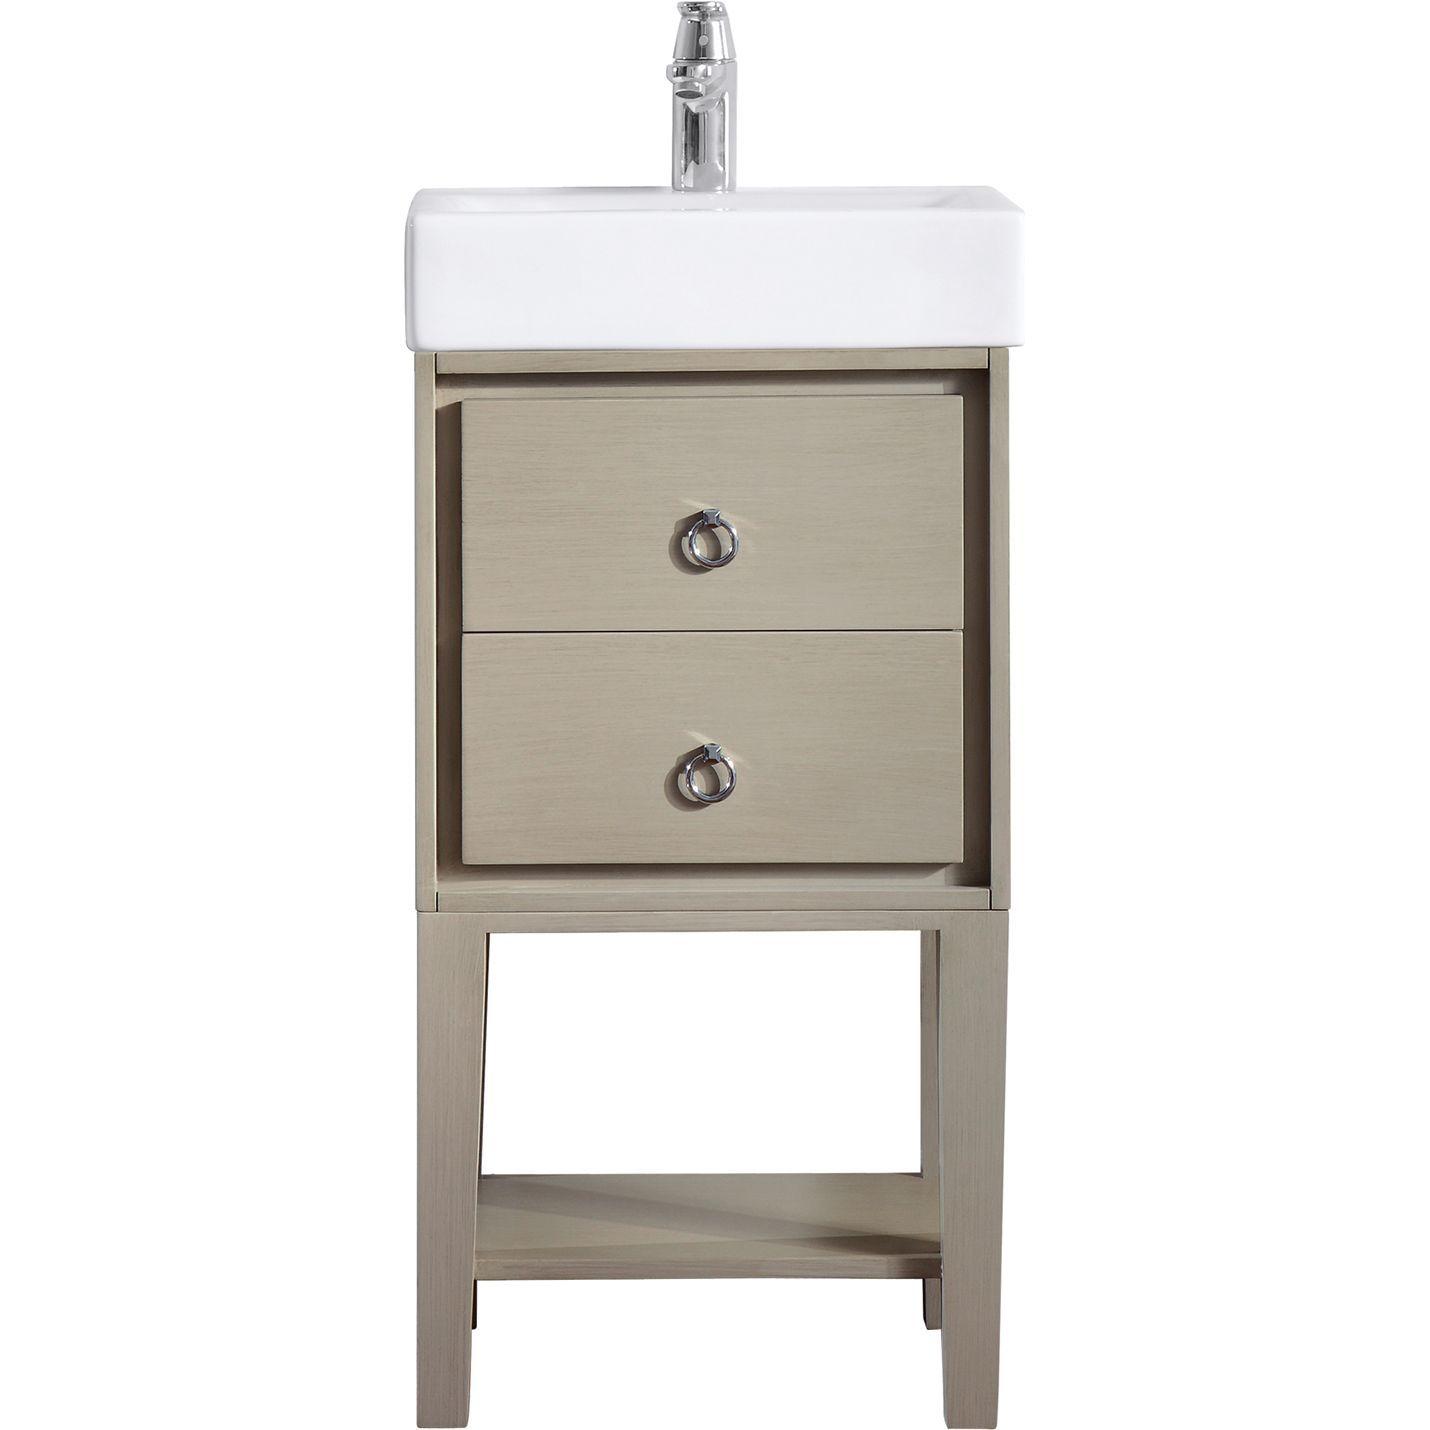 Avanity Kent Vs18 Tg Kent Tpe Glaze Single Basin Bathroom